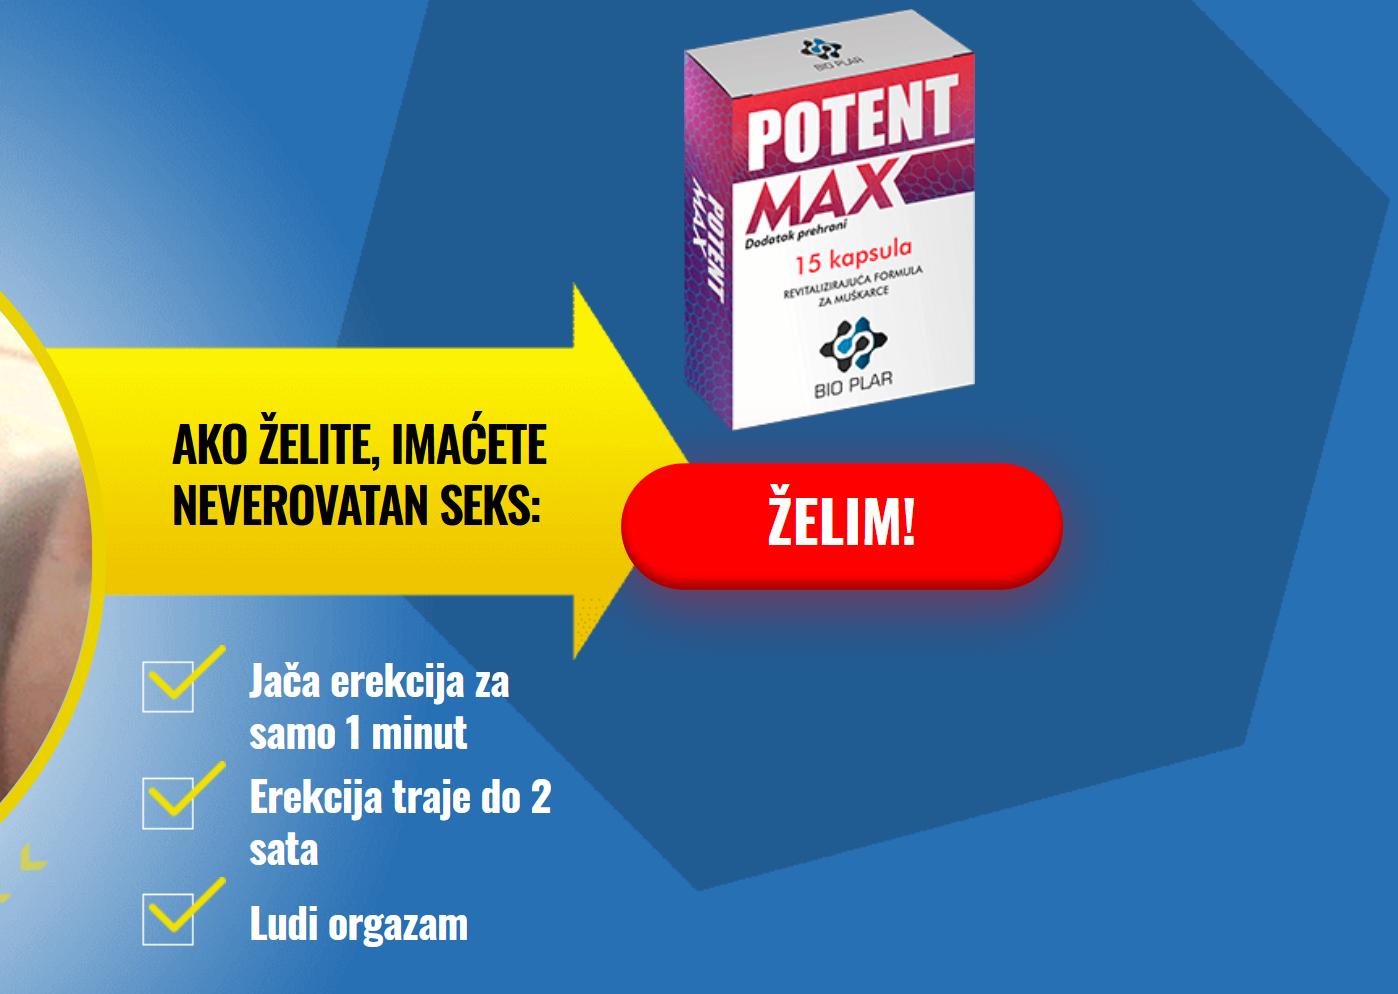 Potent Max